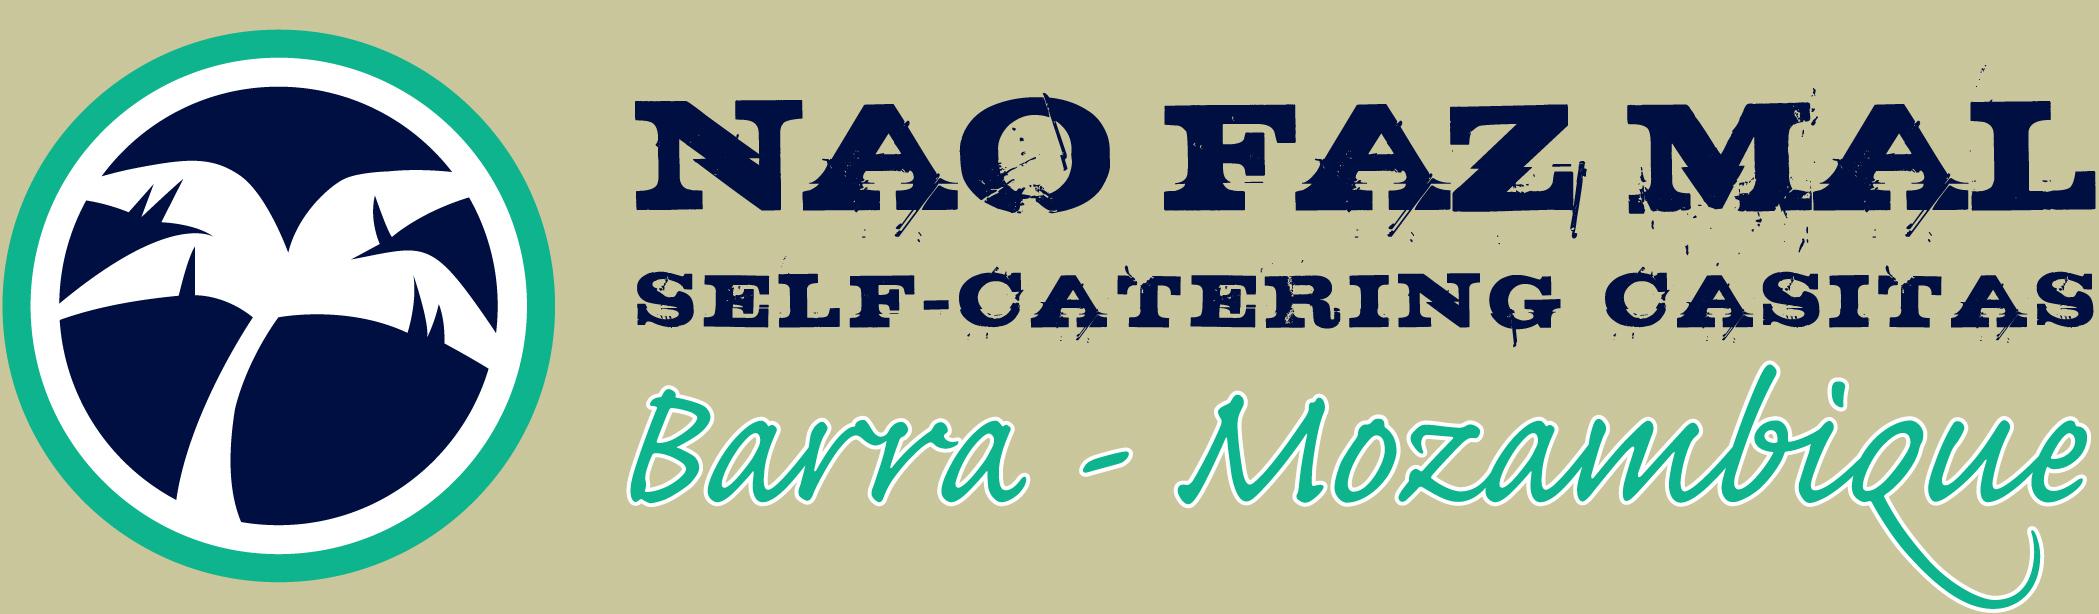 Nao Faz Mal – Self-Catering Casitas – Mozambique